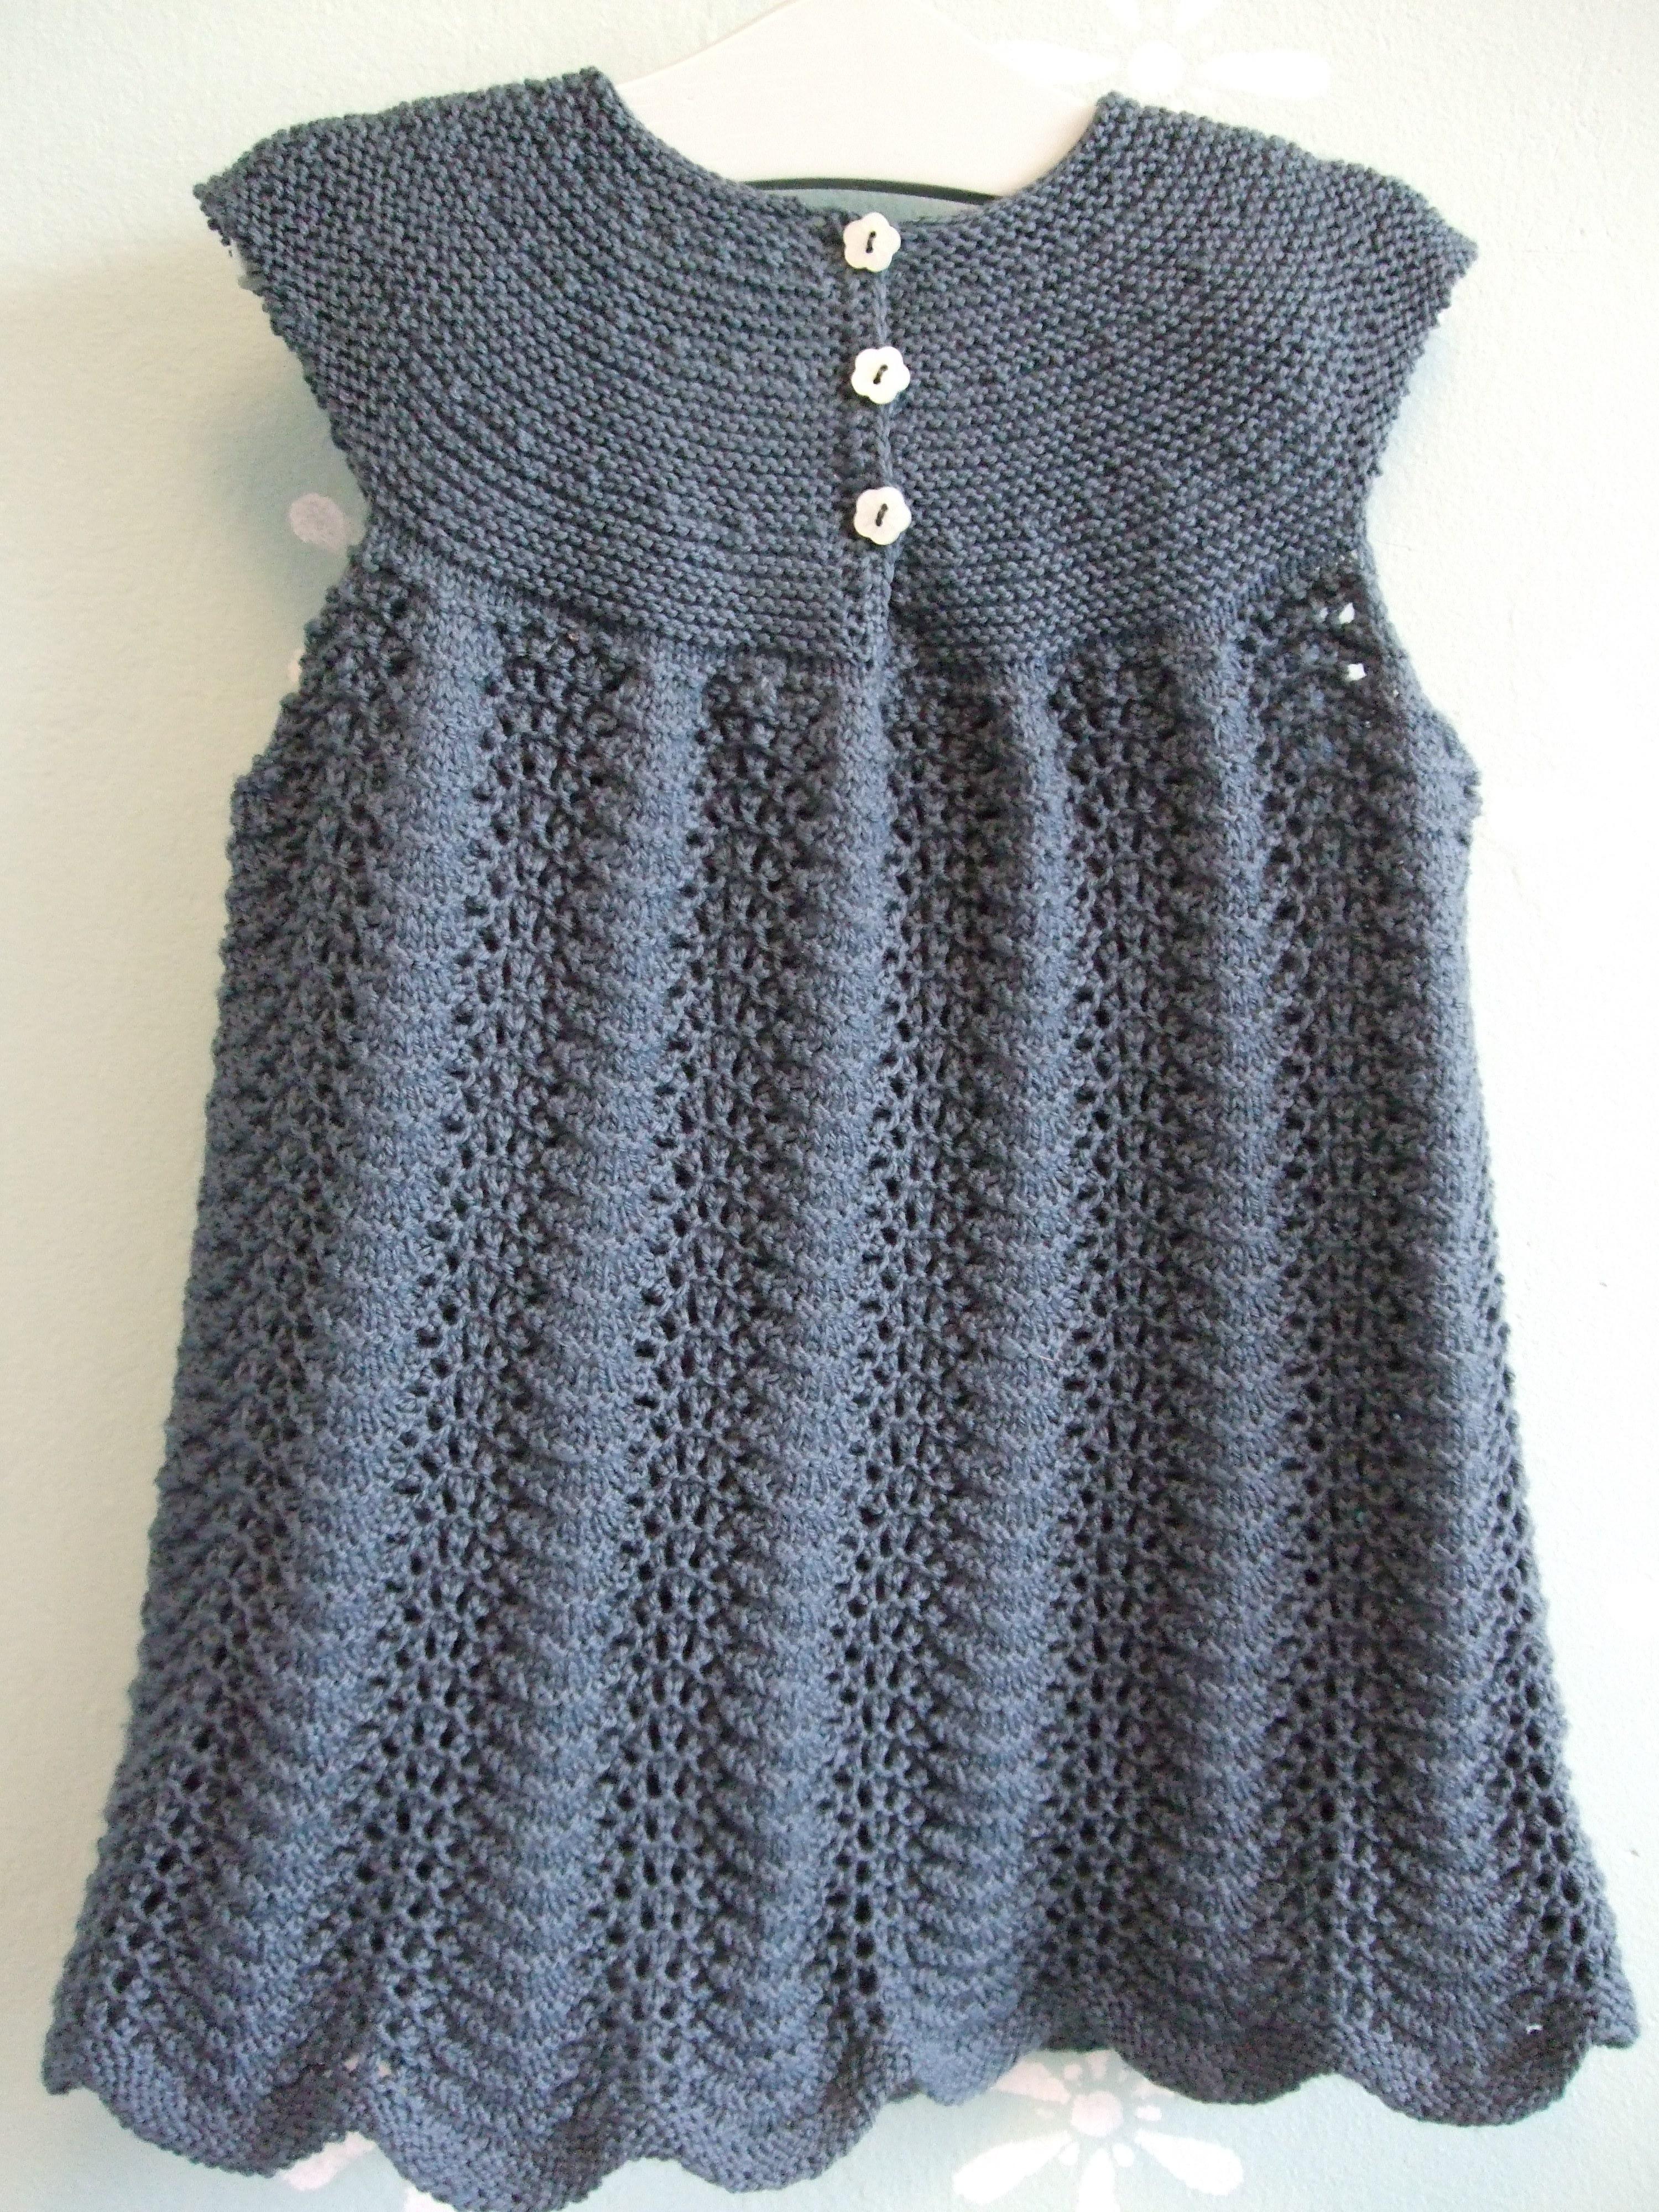 56bdae205c69 Her er den så Garn-itures nye strikket kjole i str. 2 og 4 år. Kjolen er  her vist fra ryggen så man kan se de søde knapper i slidsen.